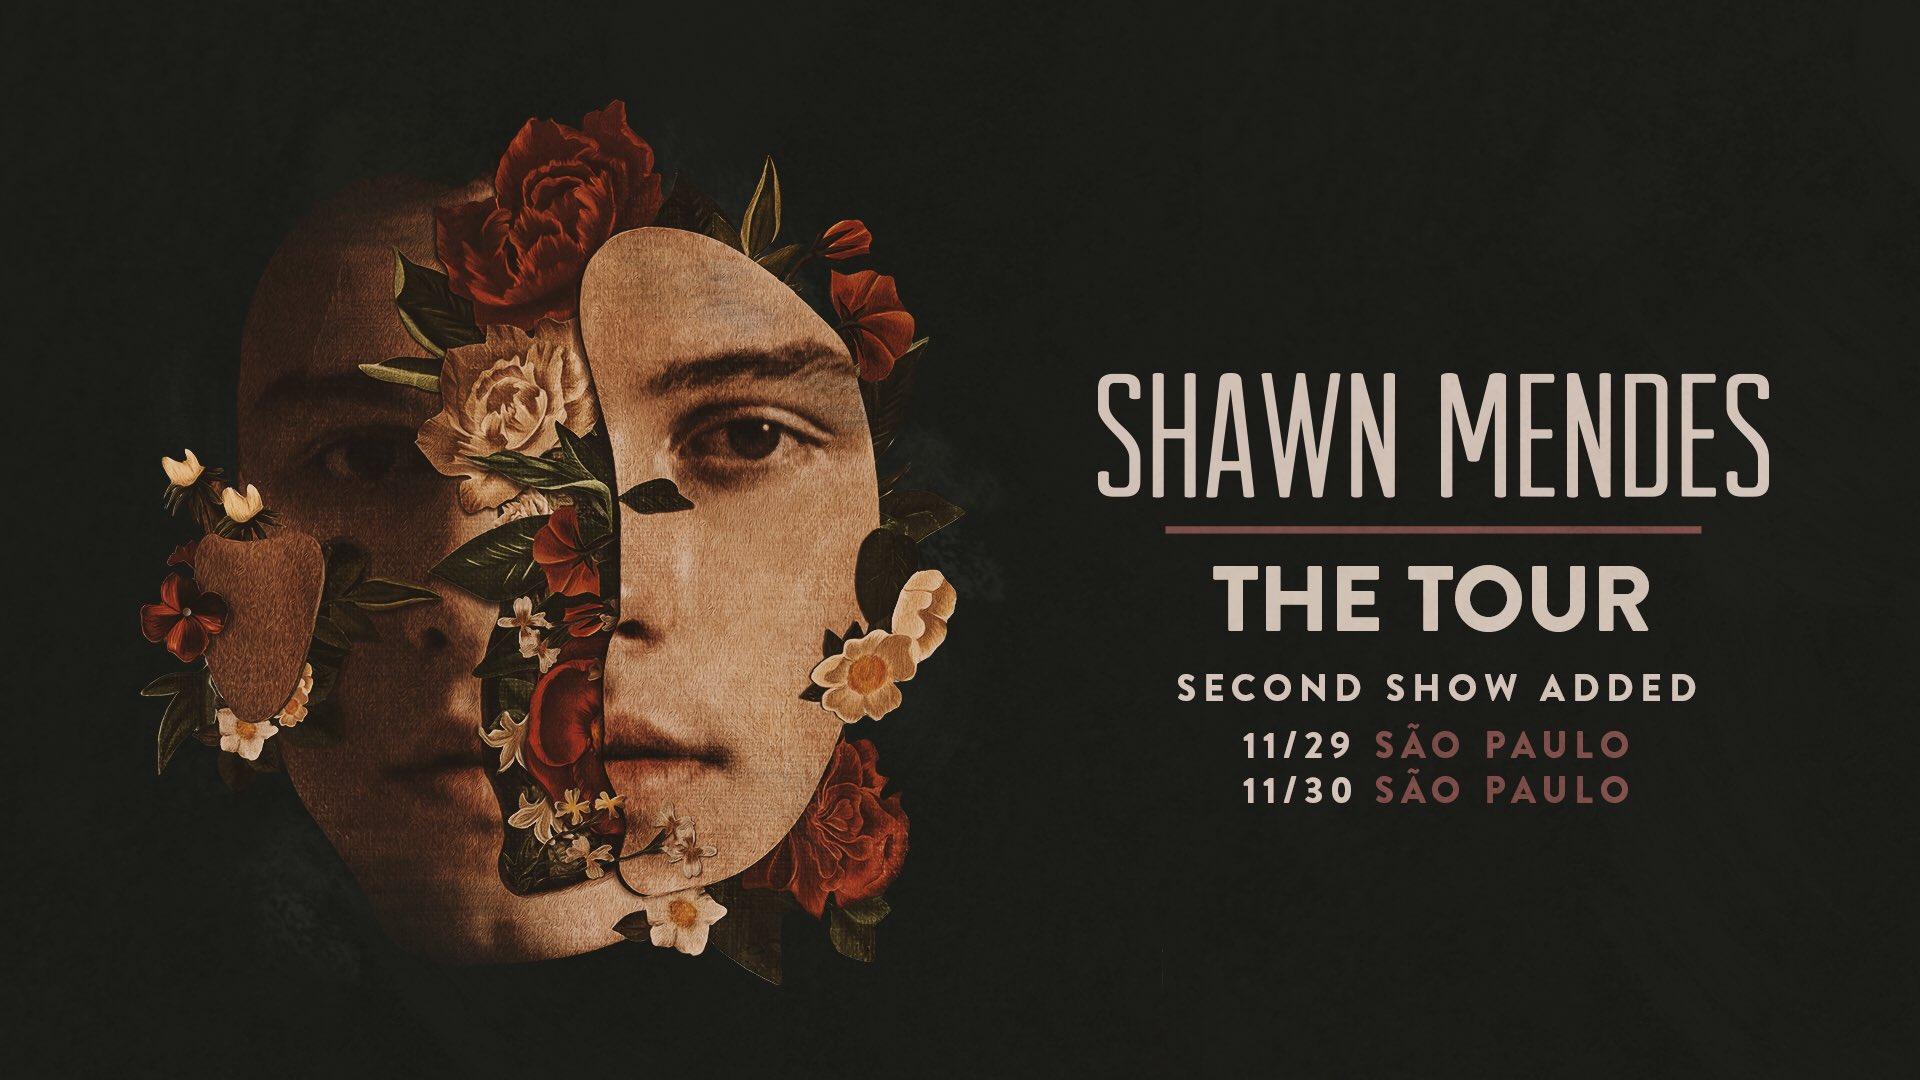 Shawn Mendes confirma show extra no Brasil; veja detalhes sobre ingressos